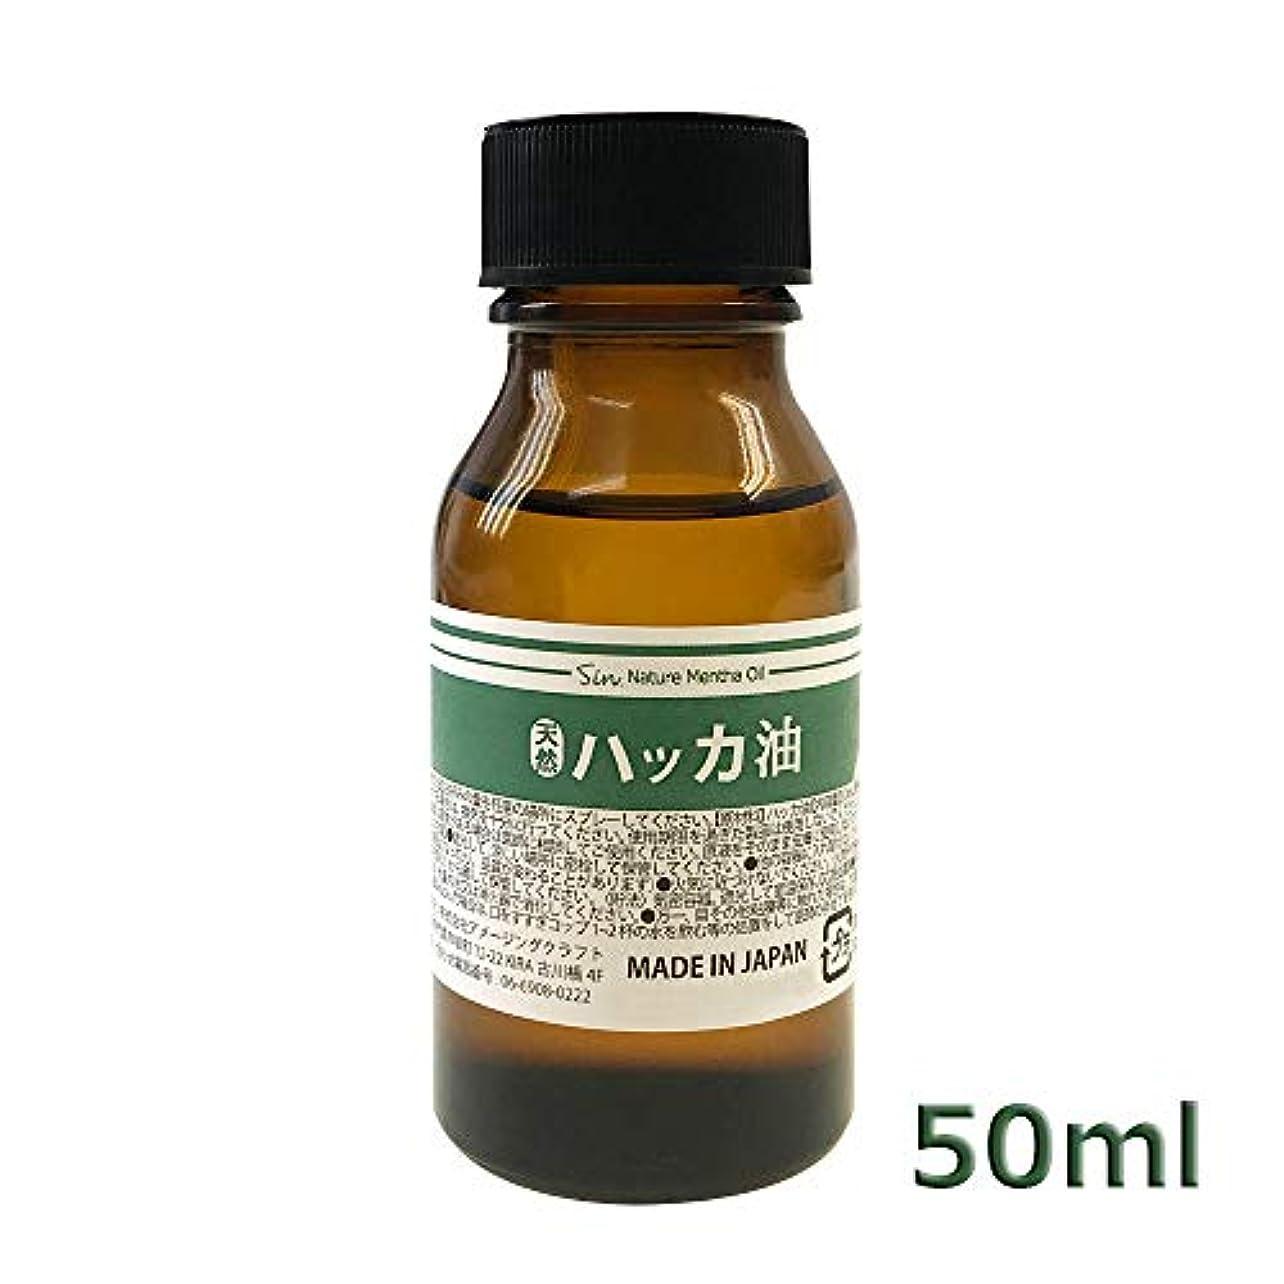 ジャンル授業料シングル日本製 天然ハッカ油(ハッカオイル) 50ml